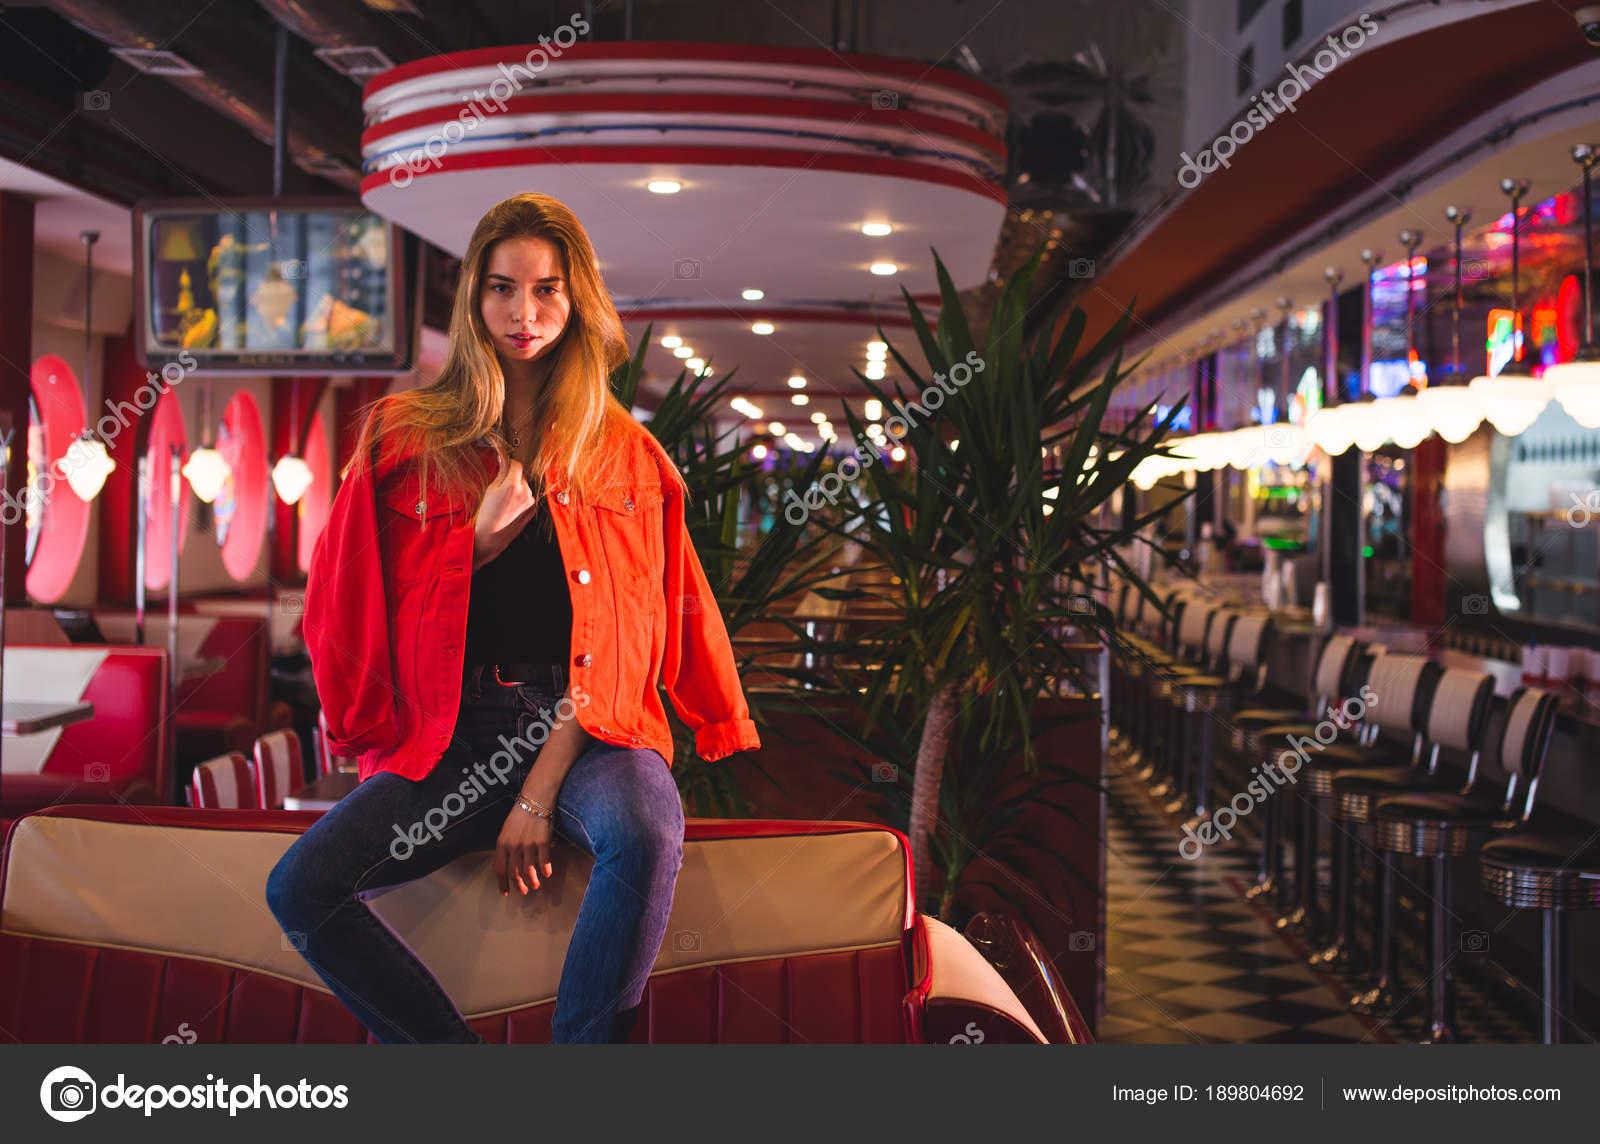 6820e95d509e Junge stilvolle schöne Frau sitzt in Stadt Café im roten Mantel ...